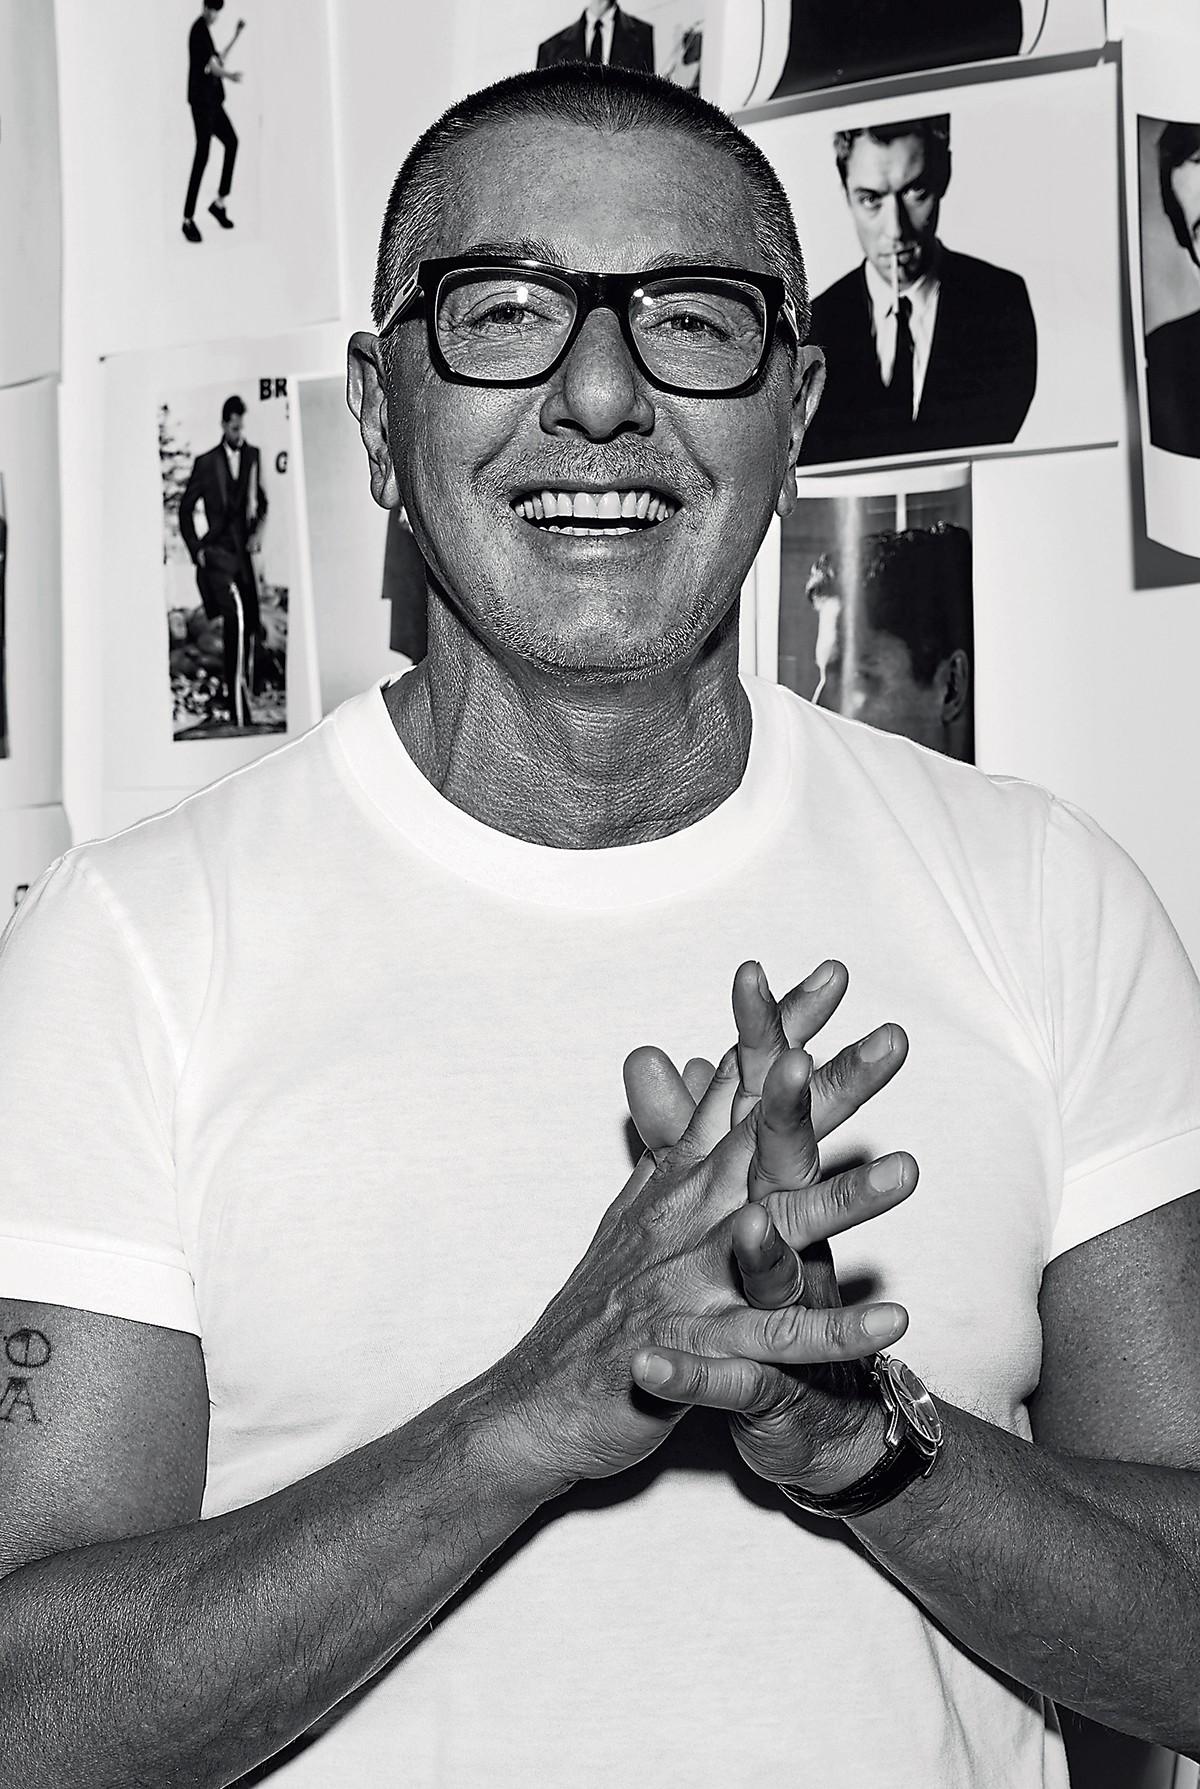 Stefano Gabbana em seu estúdio em Milão. O estilista criou a marca que leva seu sobrenome com o então namorado, em 1985  (Foto: Cortesia Dolce & Gabbana)